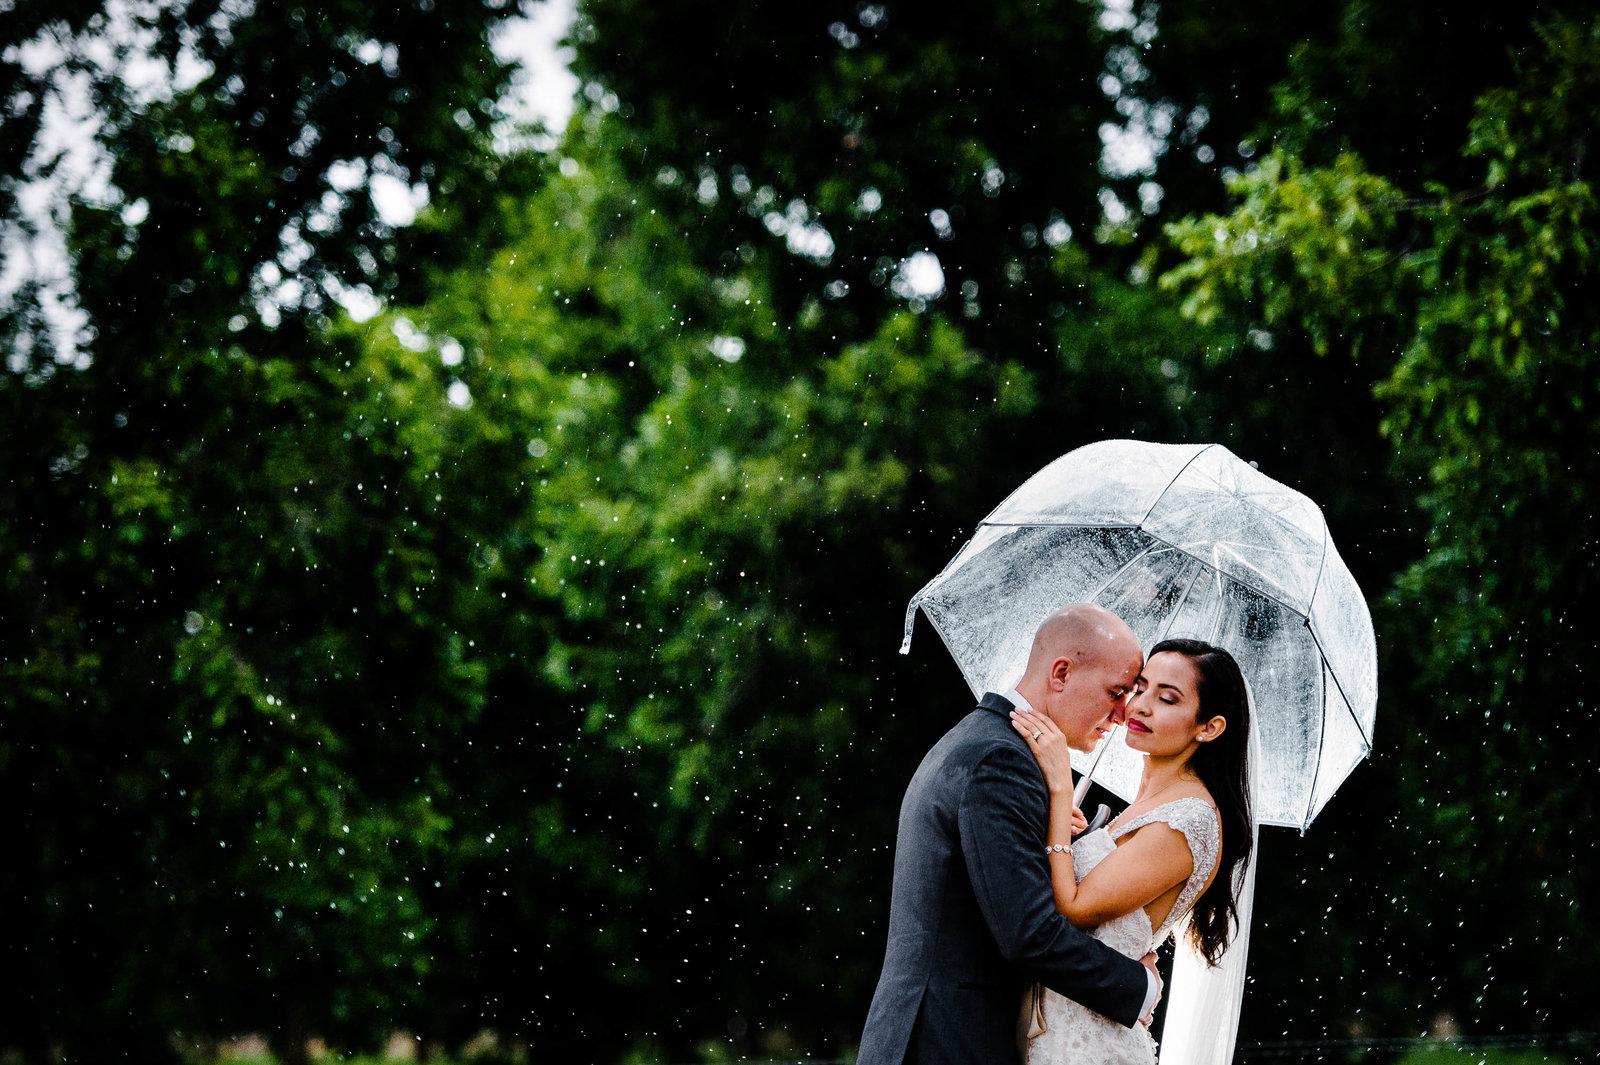 237-El-paso-wedding-photographer-DeAd_0535